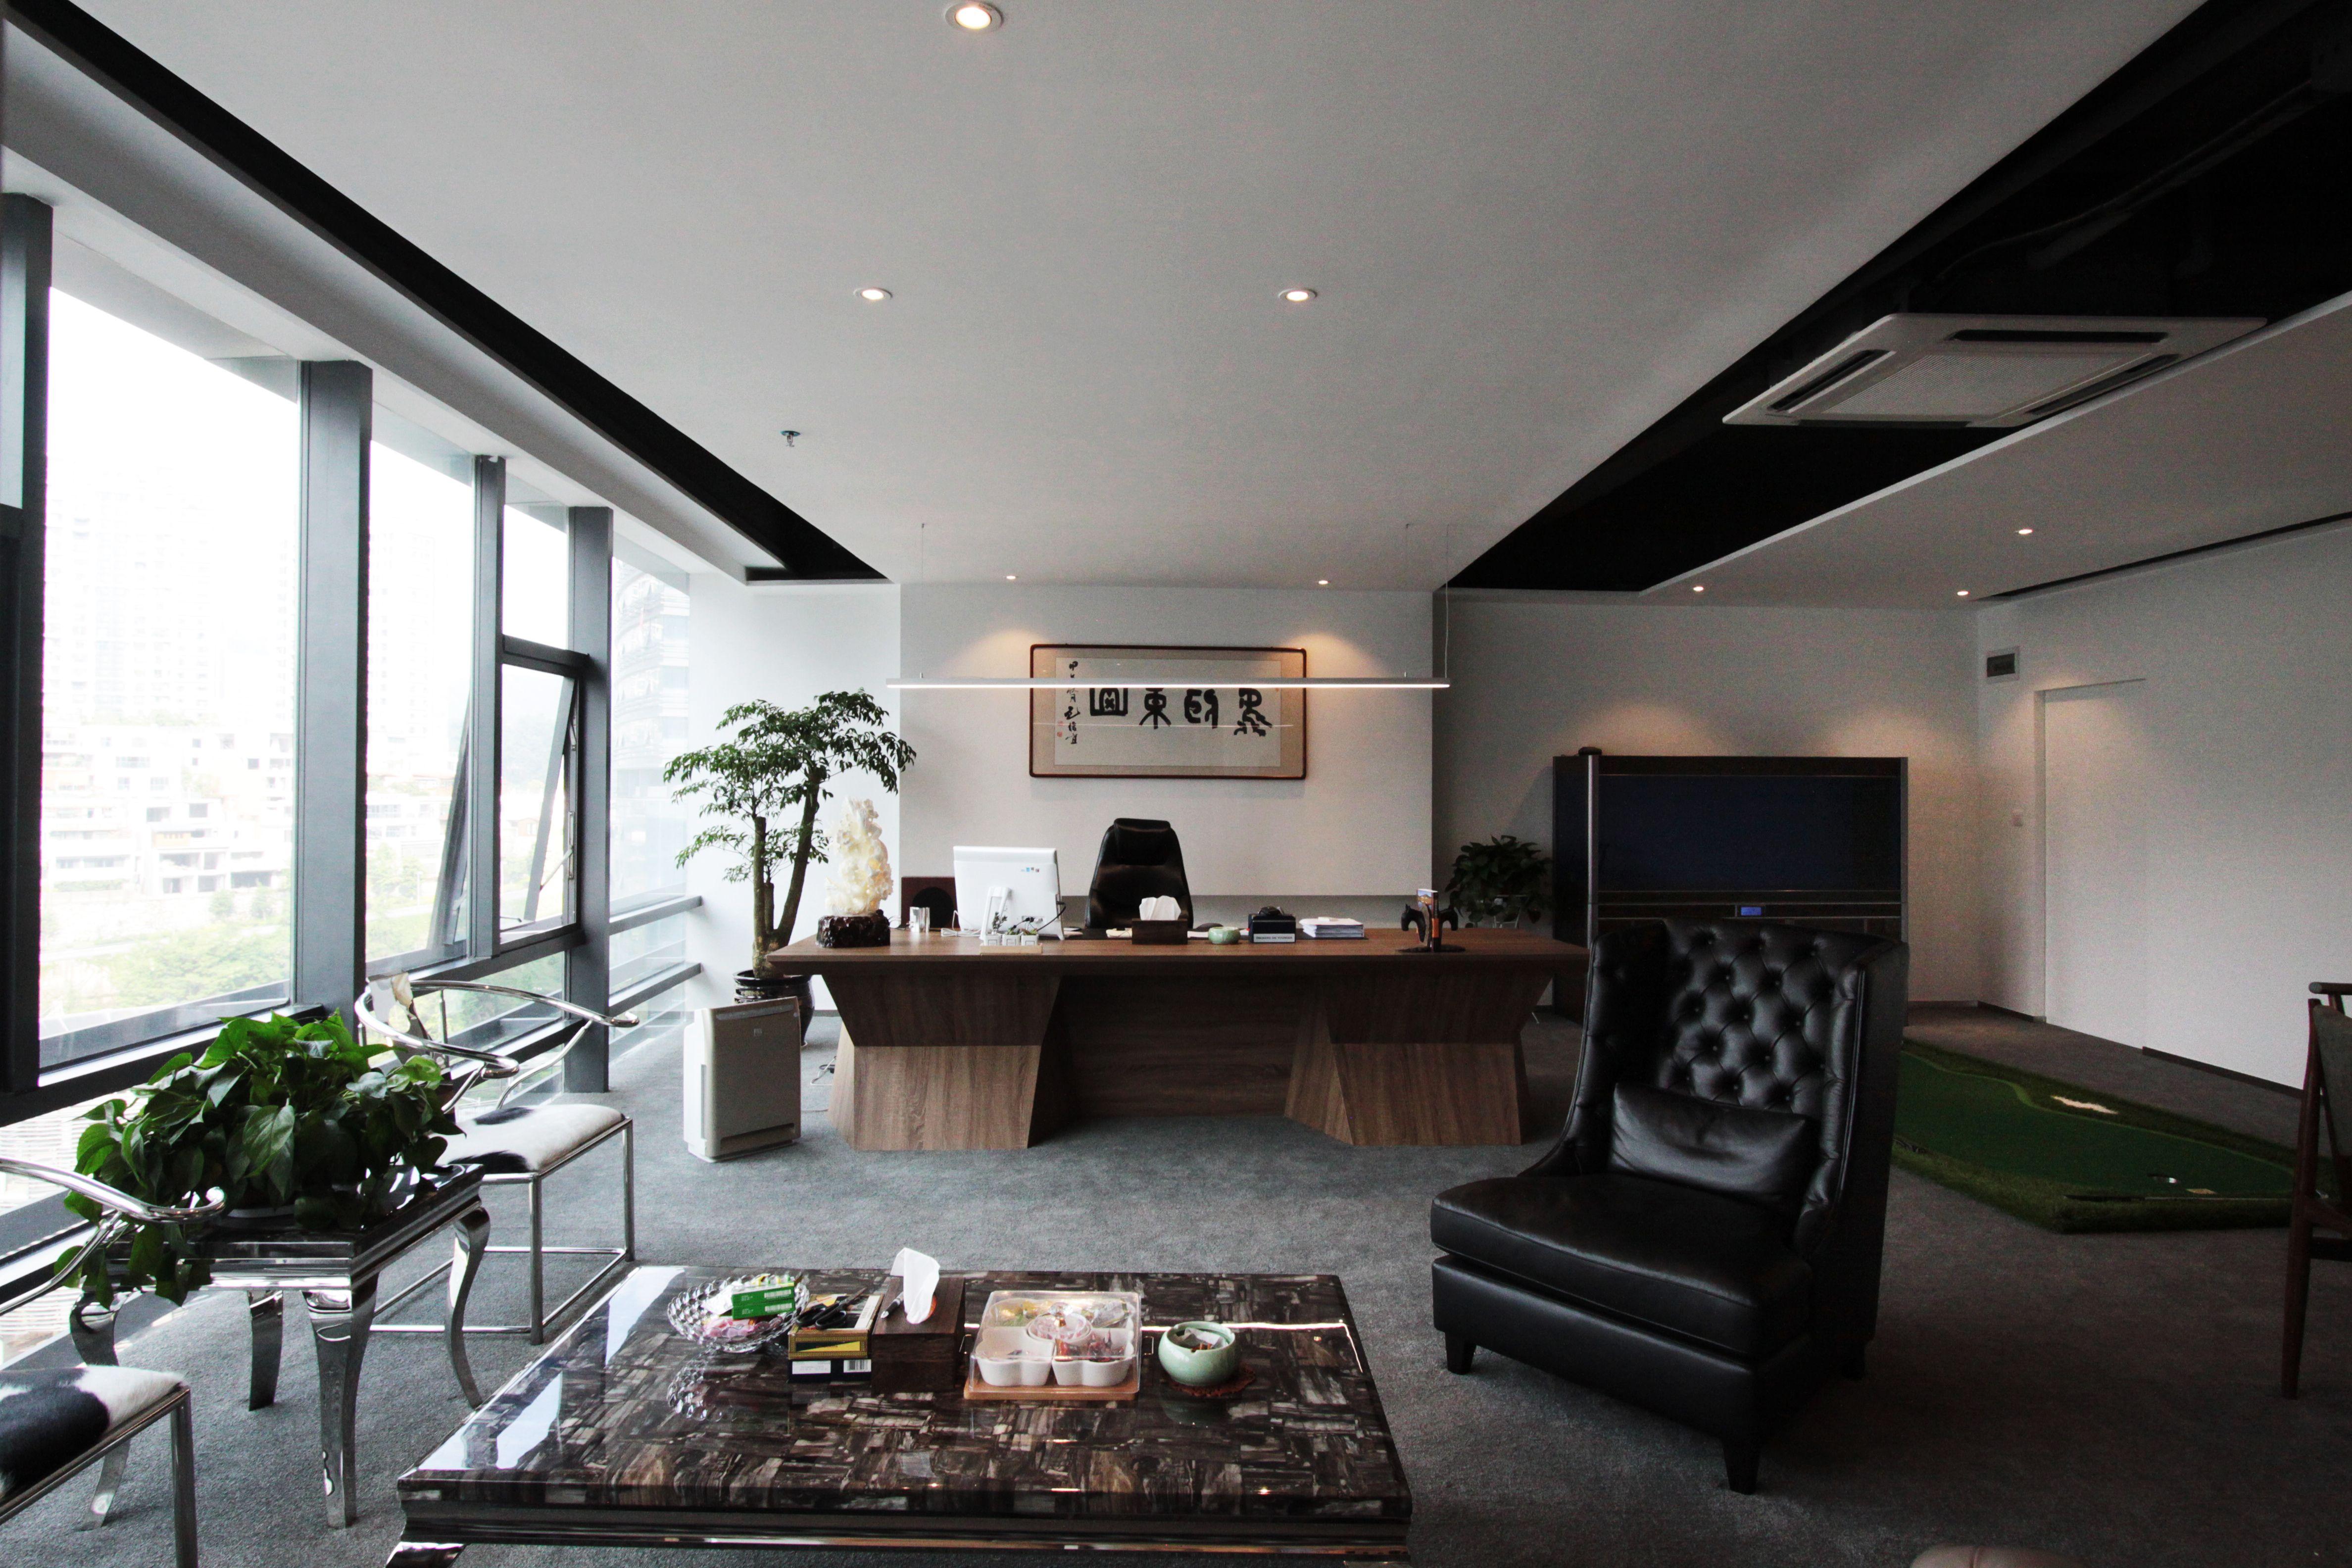 办公室 家居 起居室 设计 装修 4752_3168